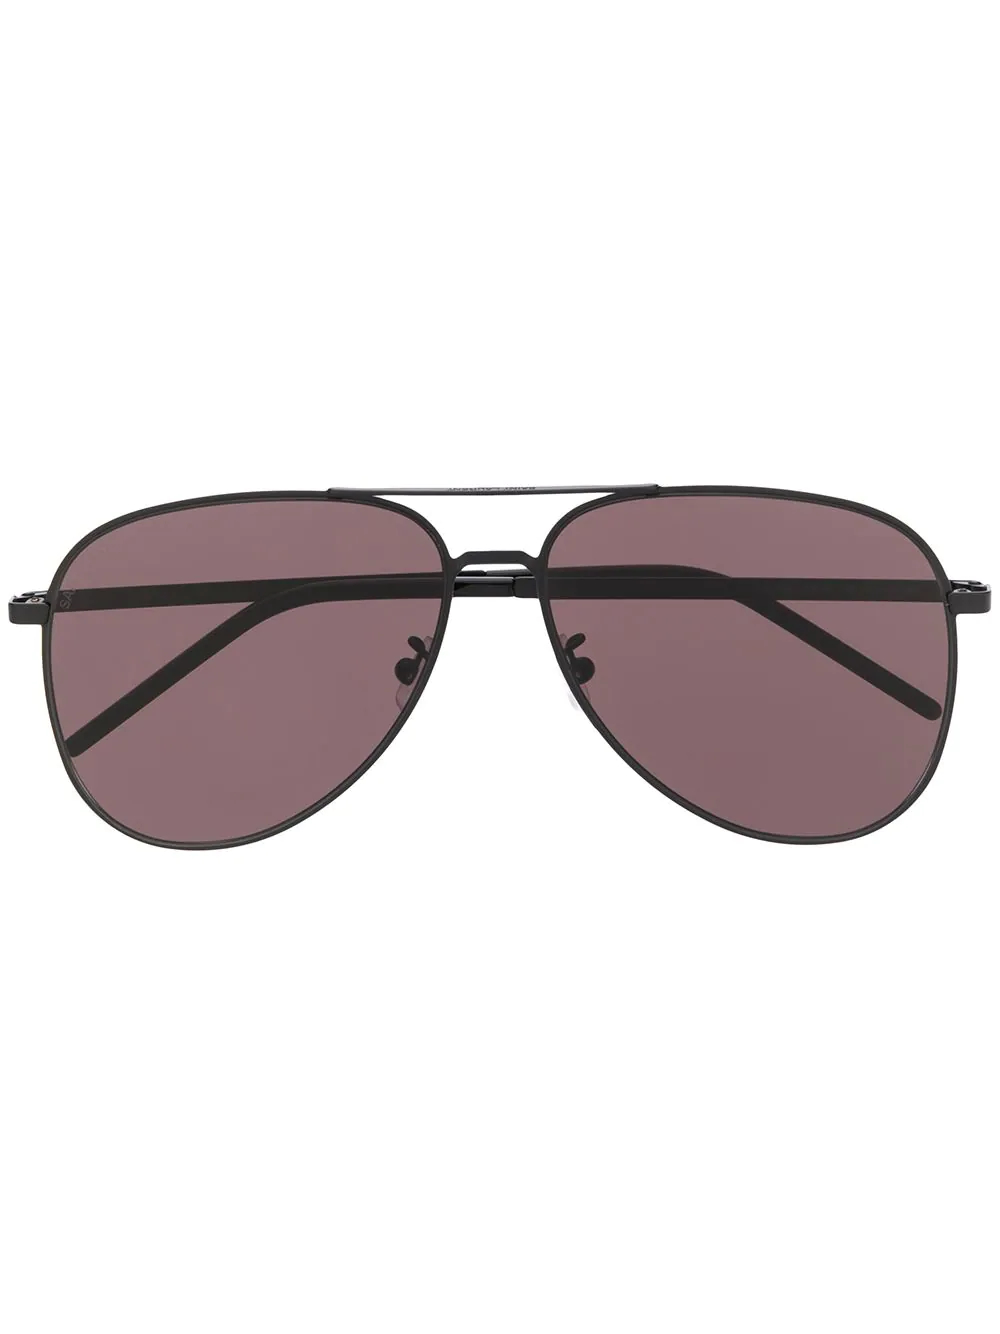 SAINT LAURENT | Saint Laurent Eyewear солнцезащитные очки-авиаторы | Clouty